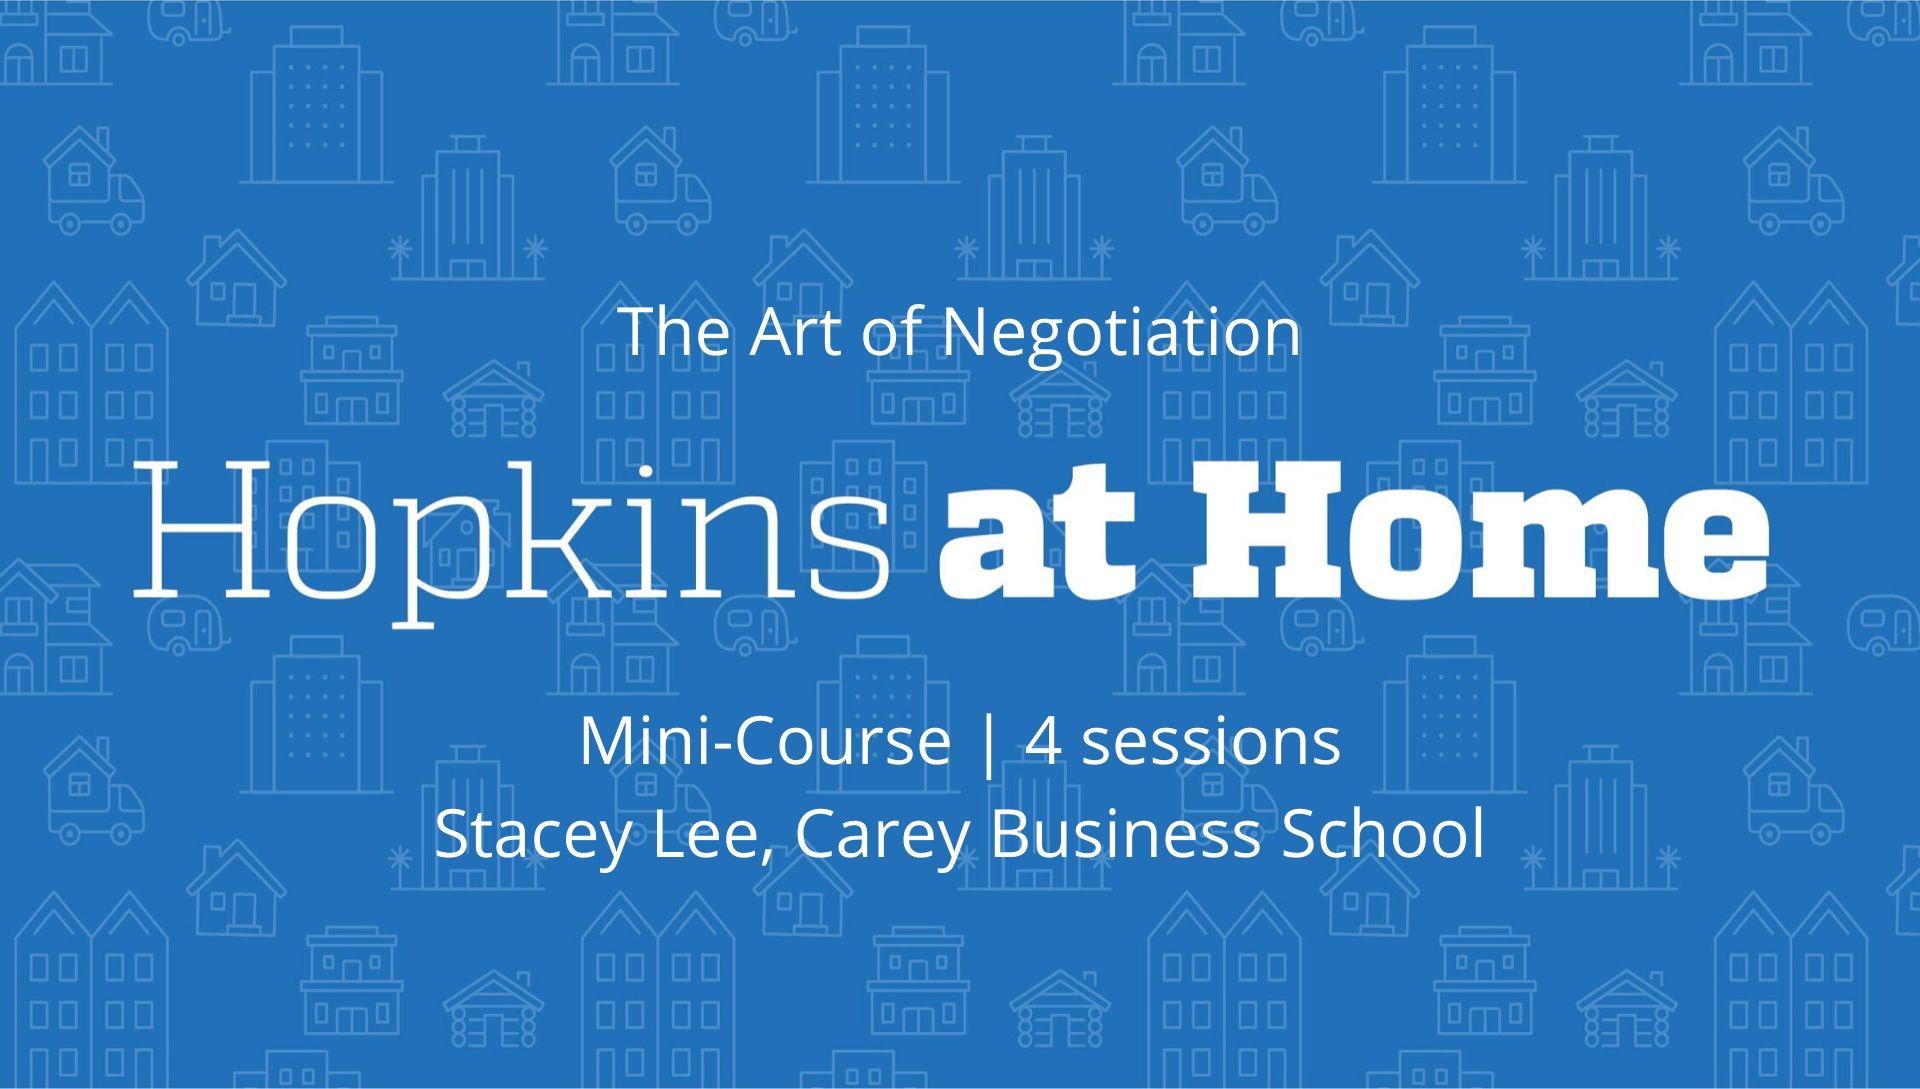 Art of Negotiation header image